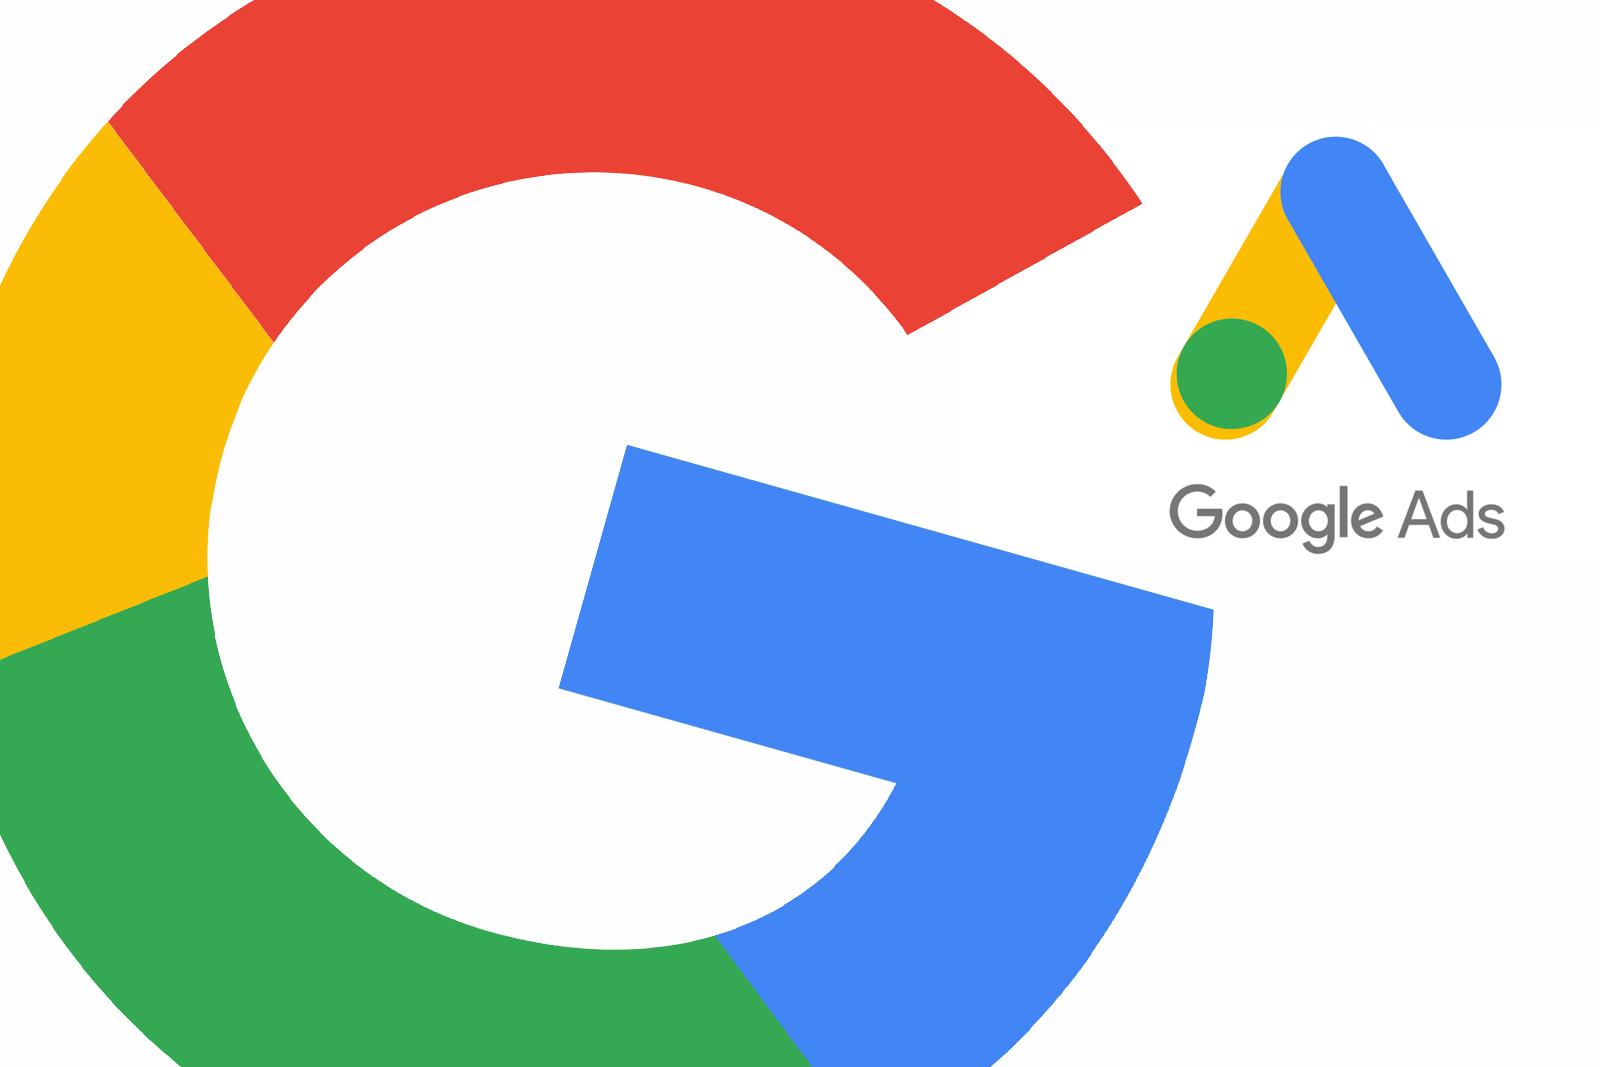 GoogleAds 1600x1067 1 - Hizmetlerimiz